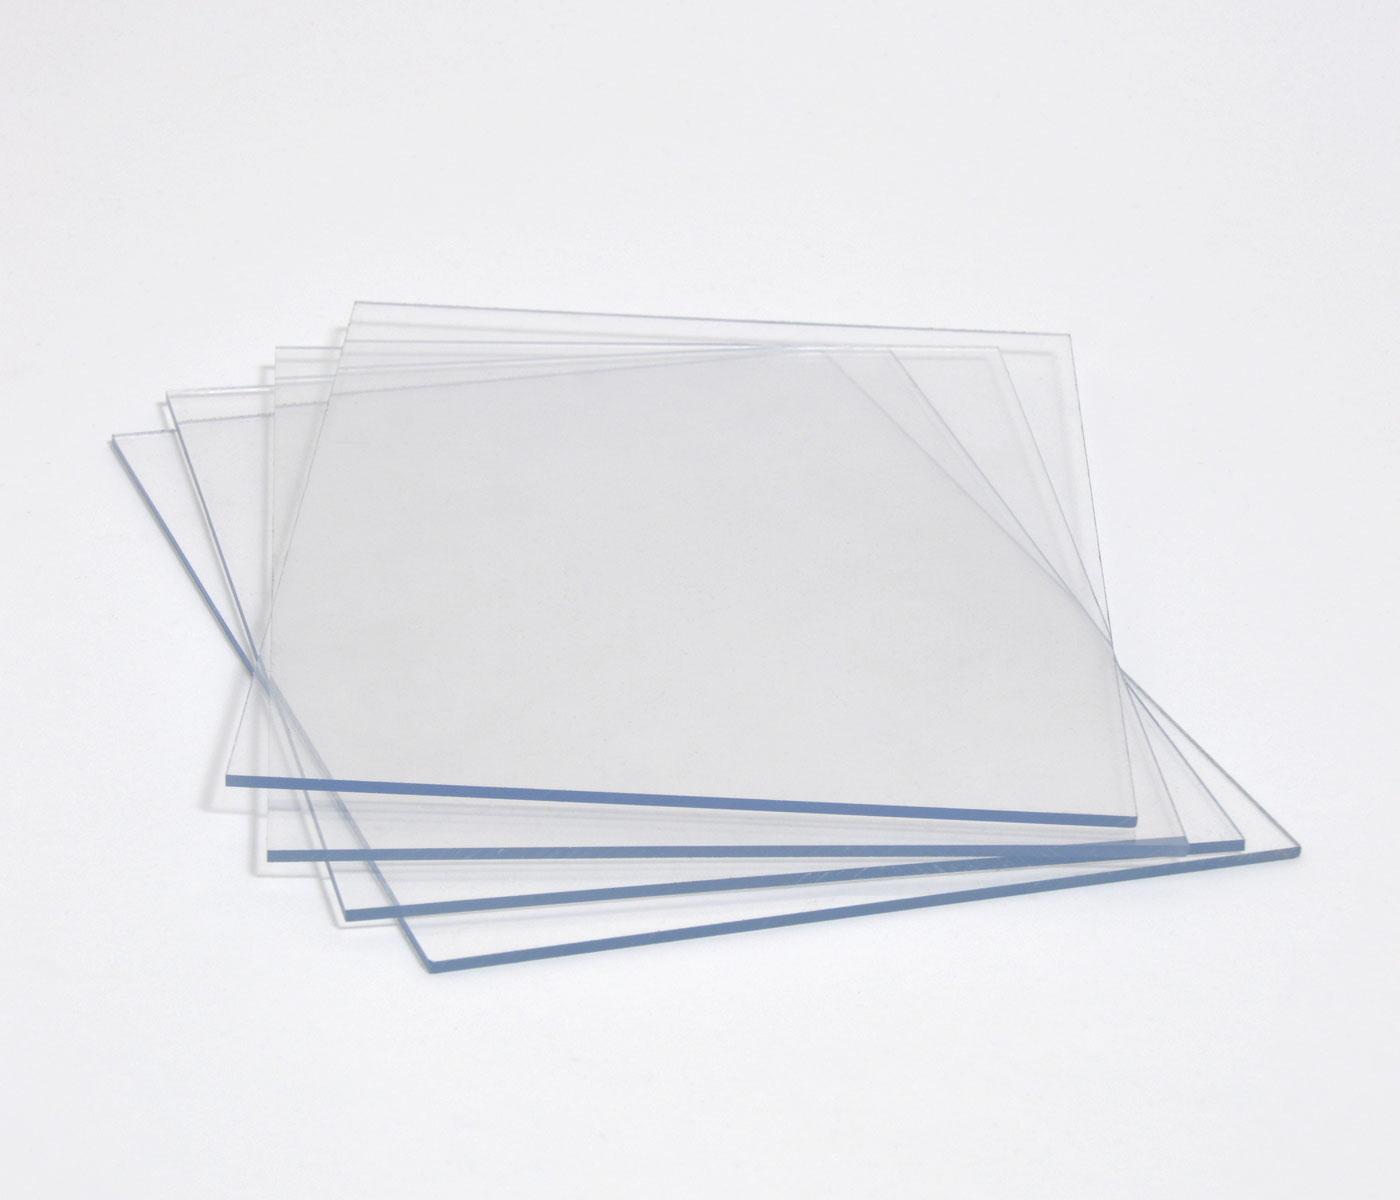 8 mm, 1200 x 800 mm Acrylglas Zuschnitt Plexiglas Zuschnitt 2-8mm Platte//Scheibe klar//transparent